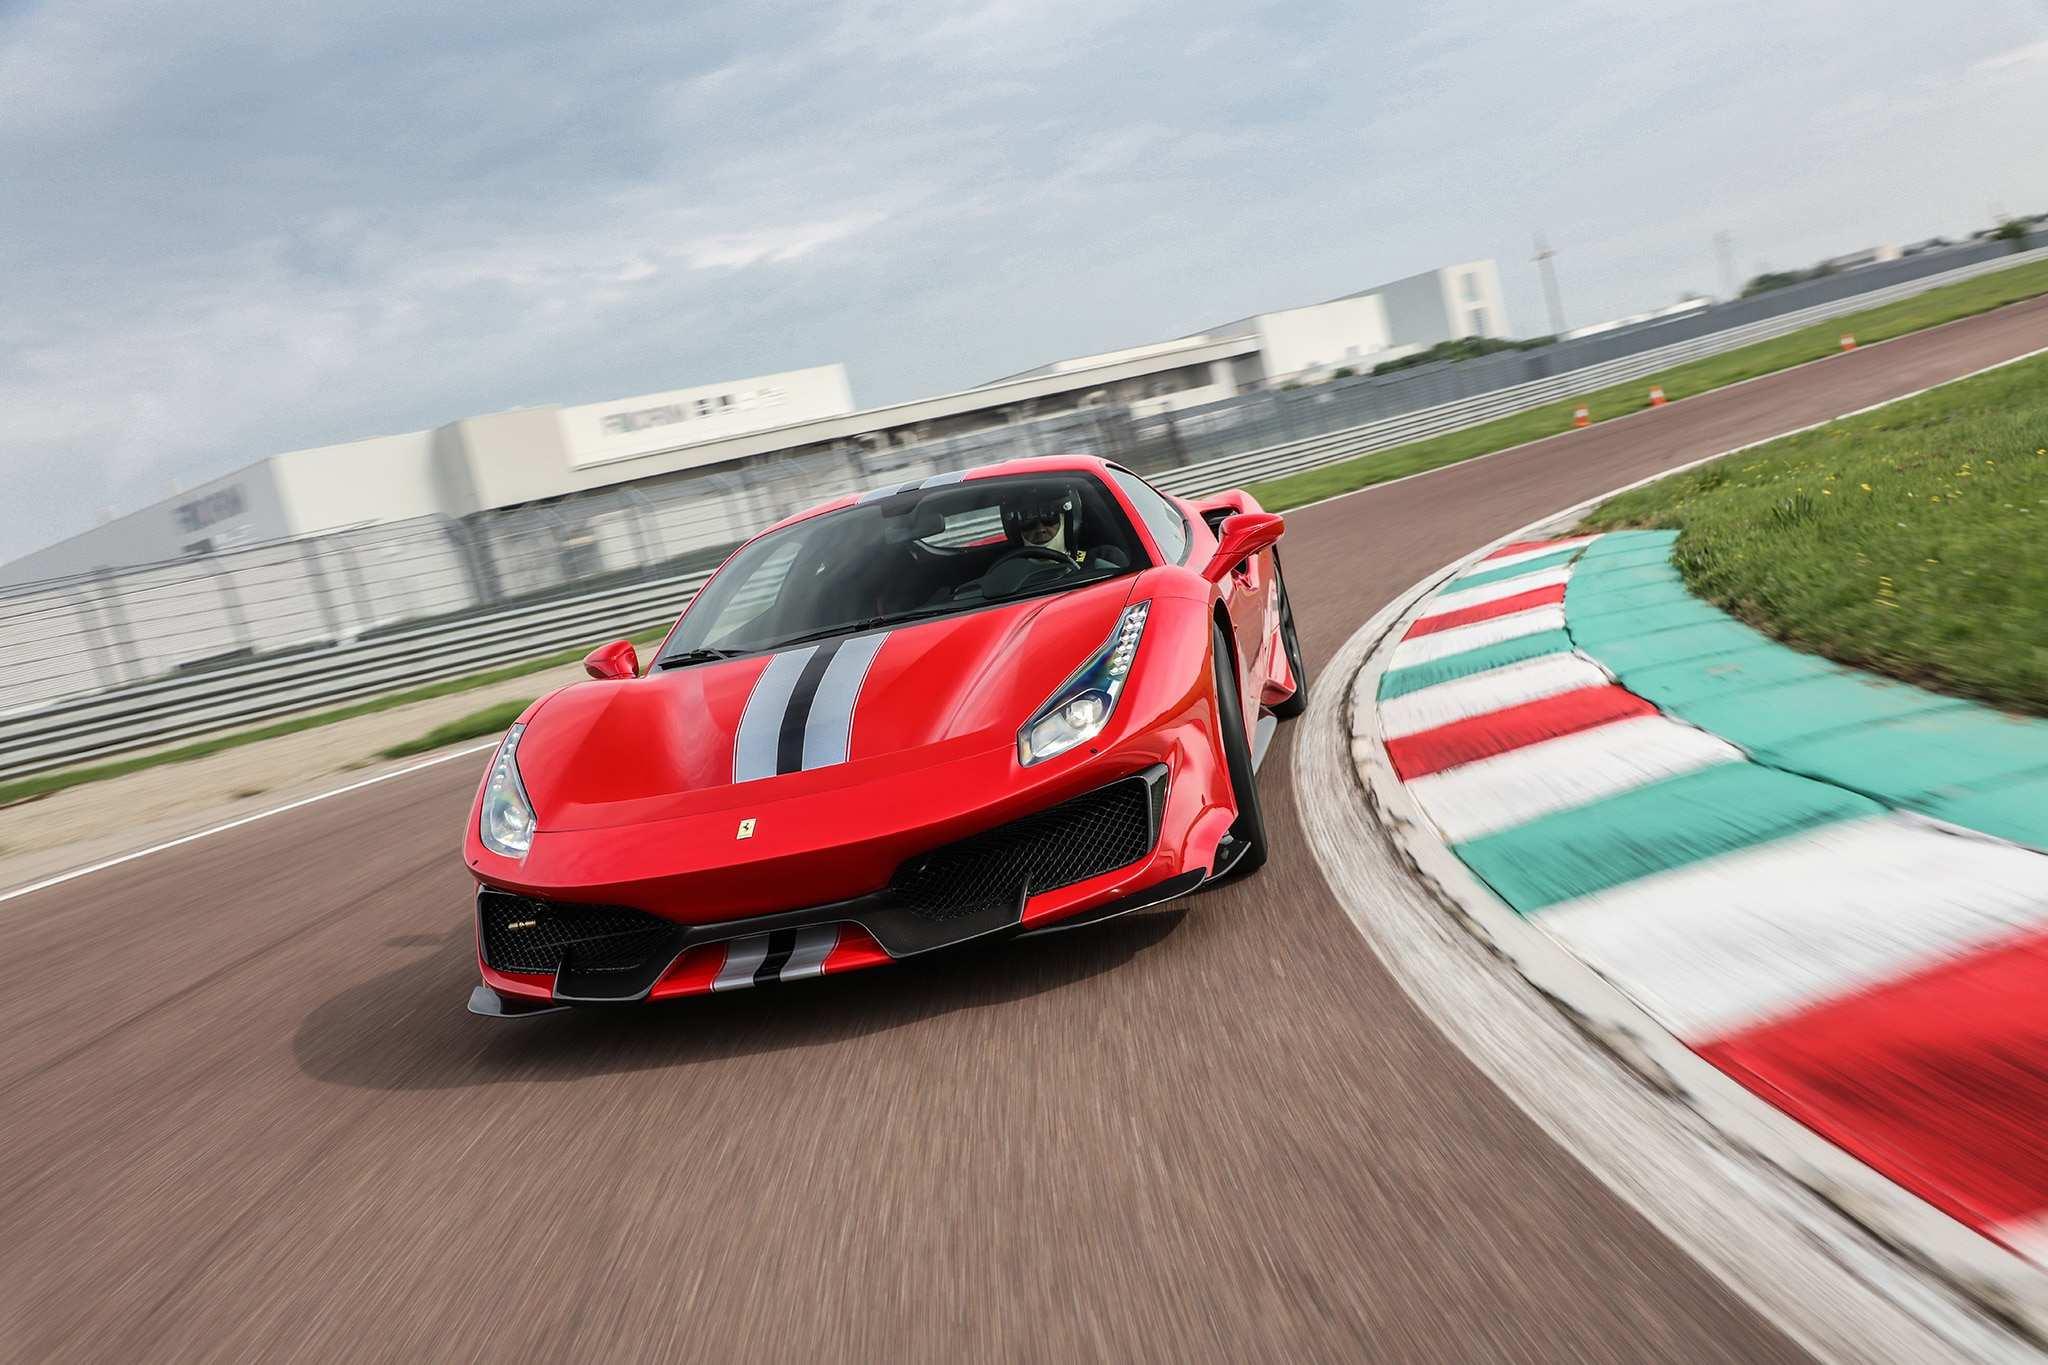 75 Best Review Ferrari Full 2019 Pictures for Ferrari Full 2019